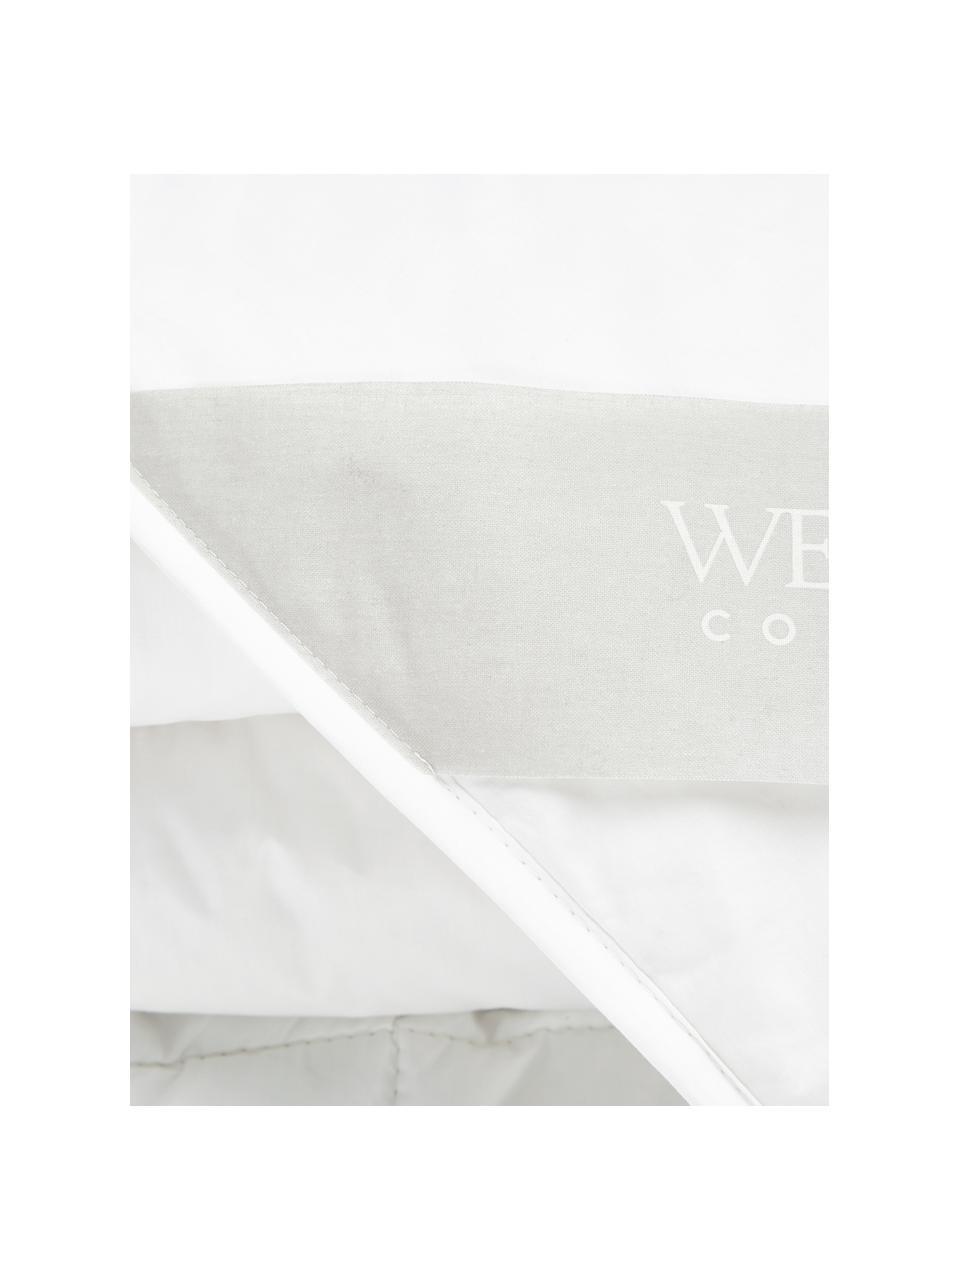 Vegane Bettdecke mit Kapokfaser und Baumwolle, leicht, Bezug: 100% Baumwolle, Weiß, 240 x 220 cm